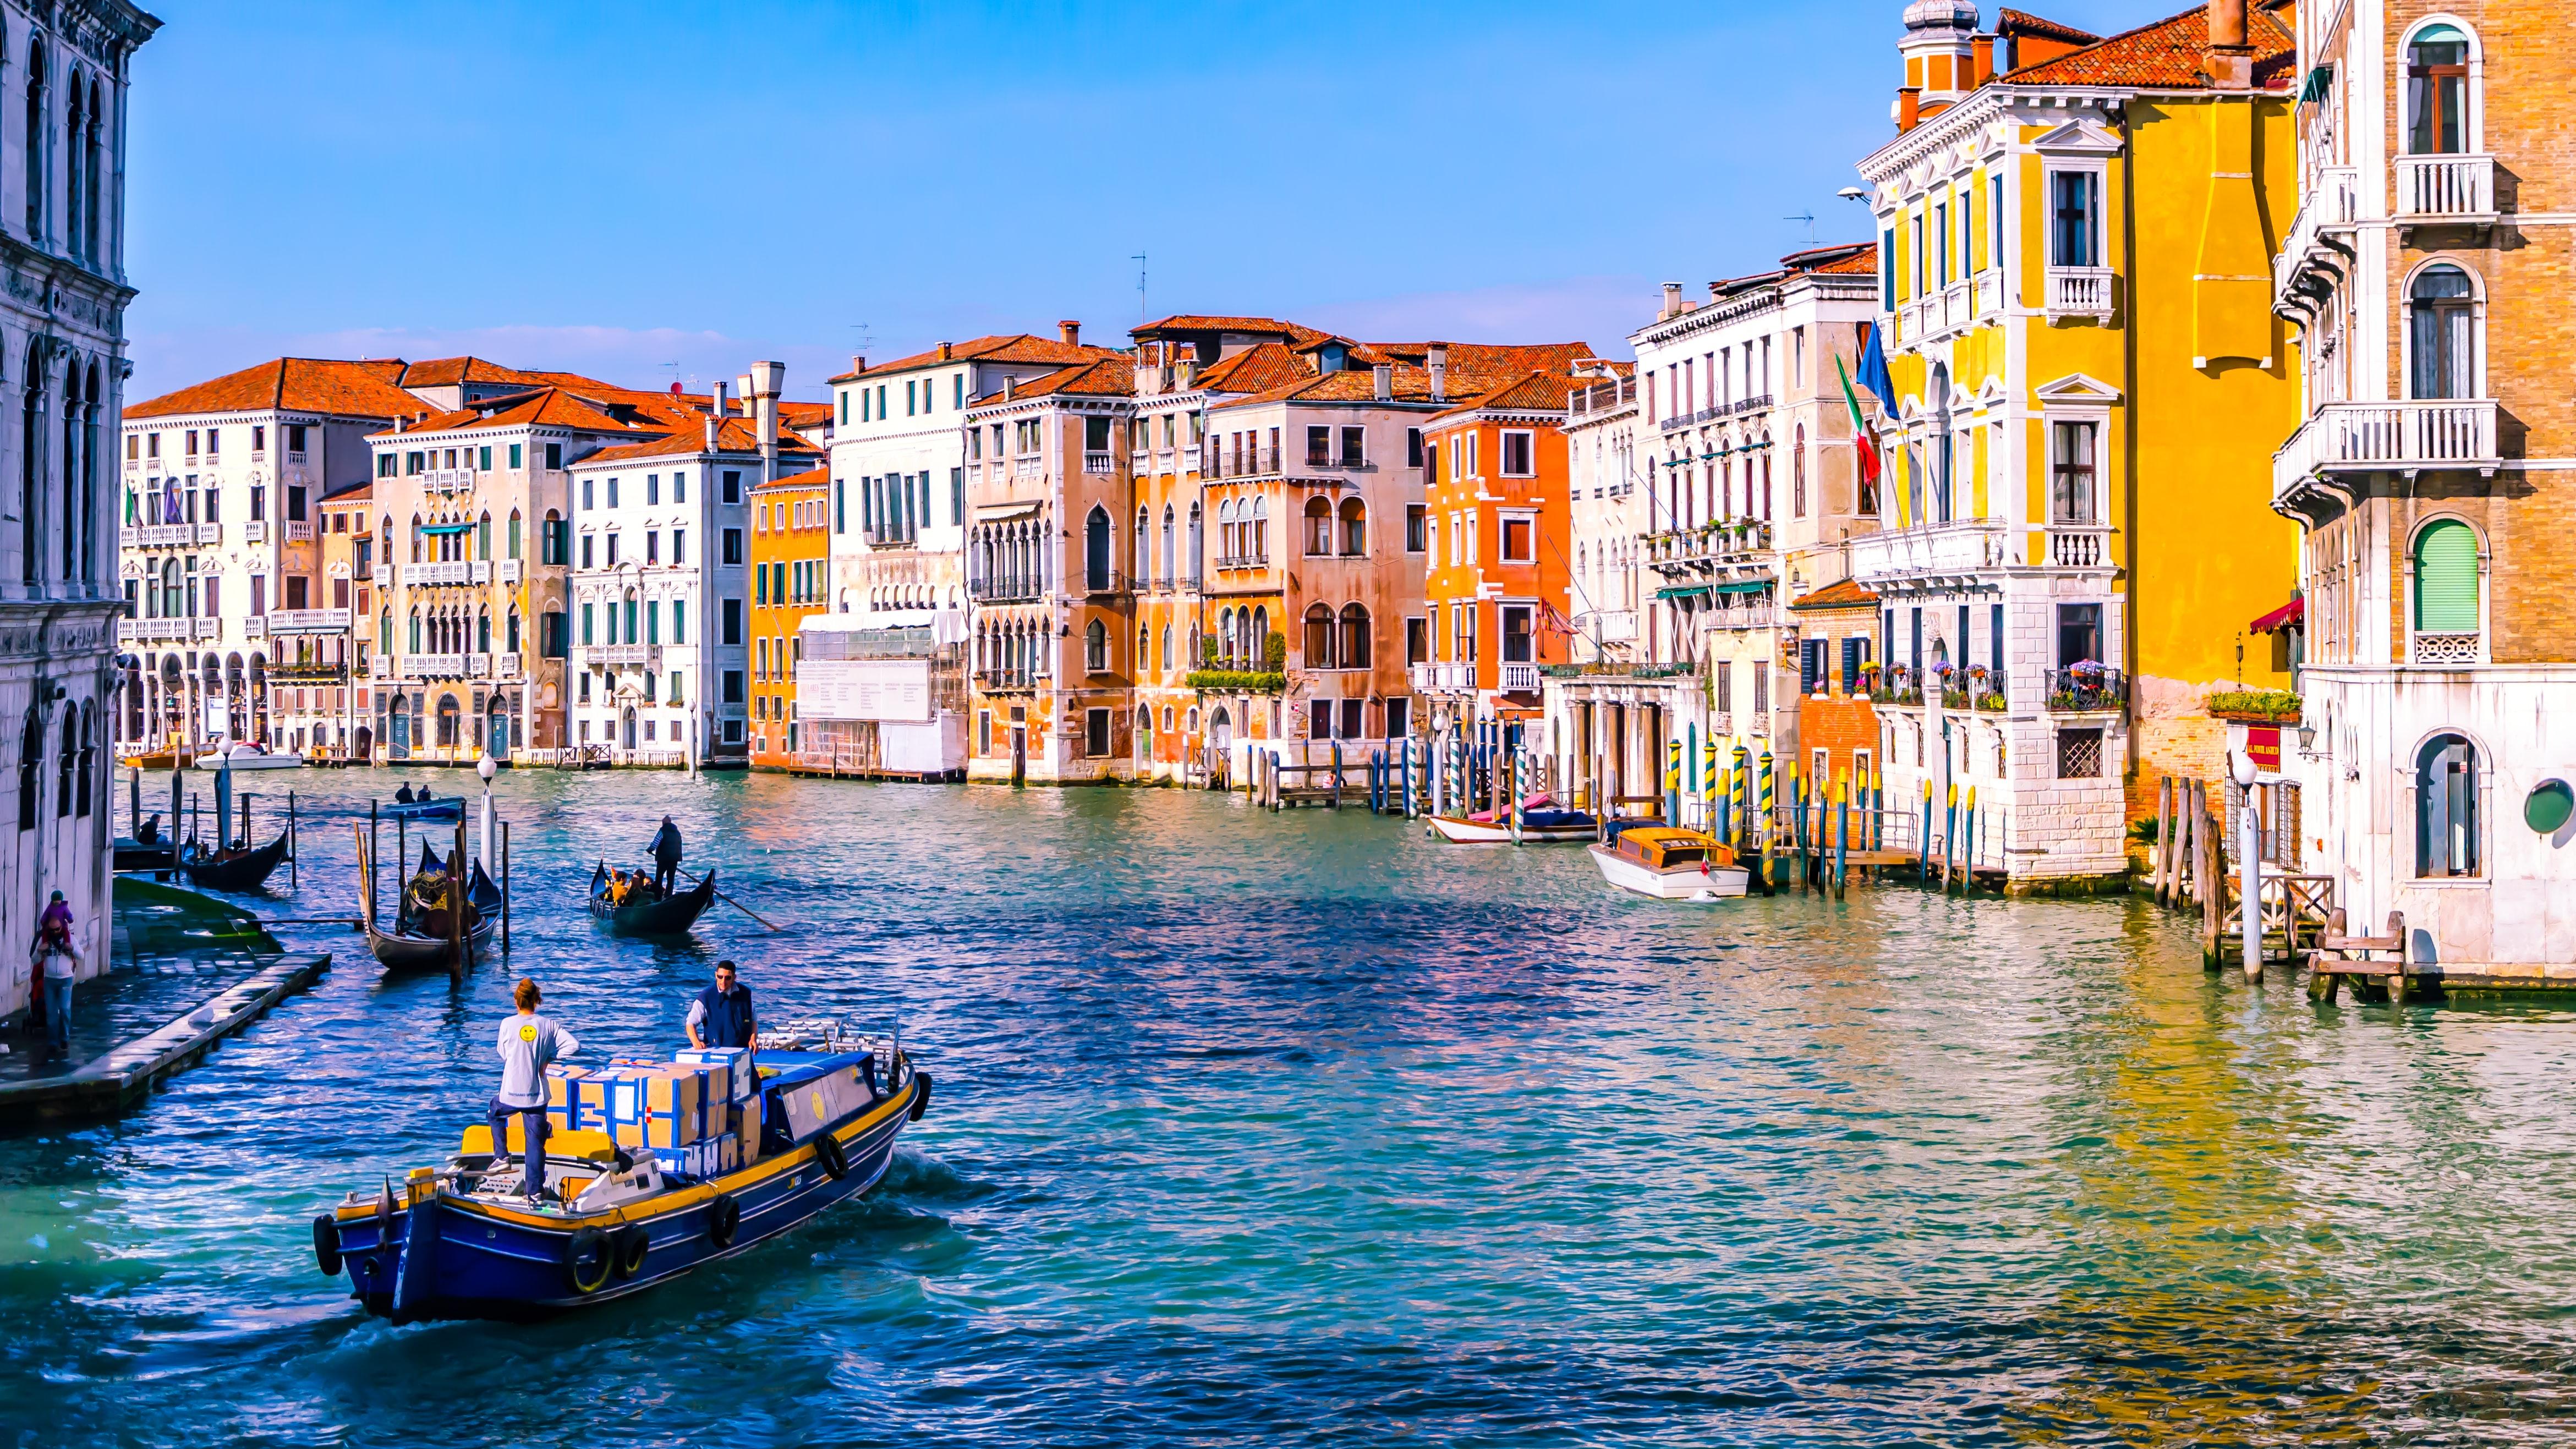 Czy technologiom inteligentnego miasta uda się sprawić, że Wenecja odzyska swój romantyzm, a mieszkańcy spokój?